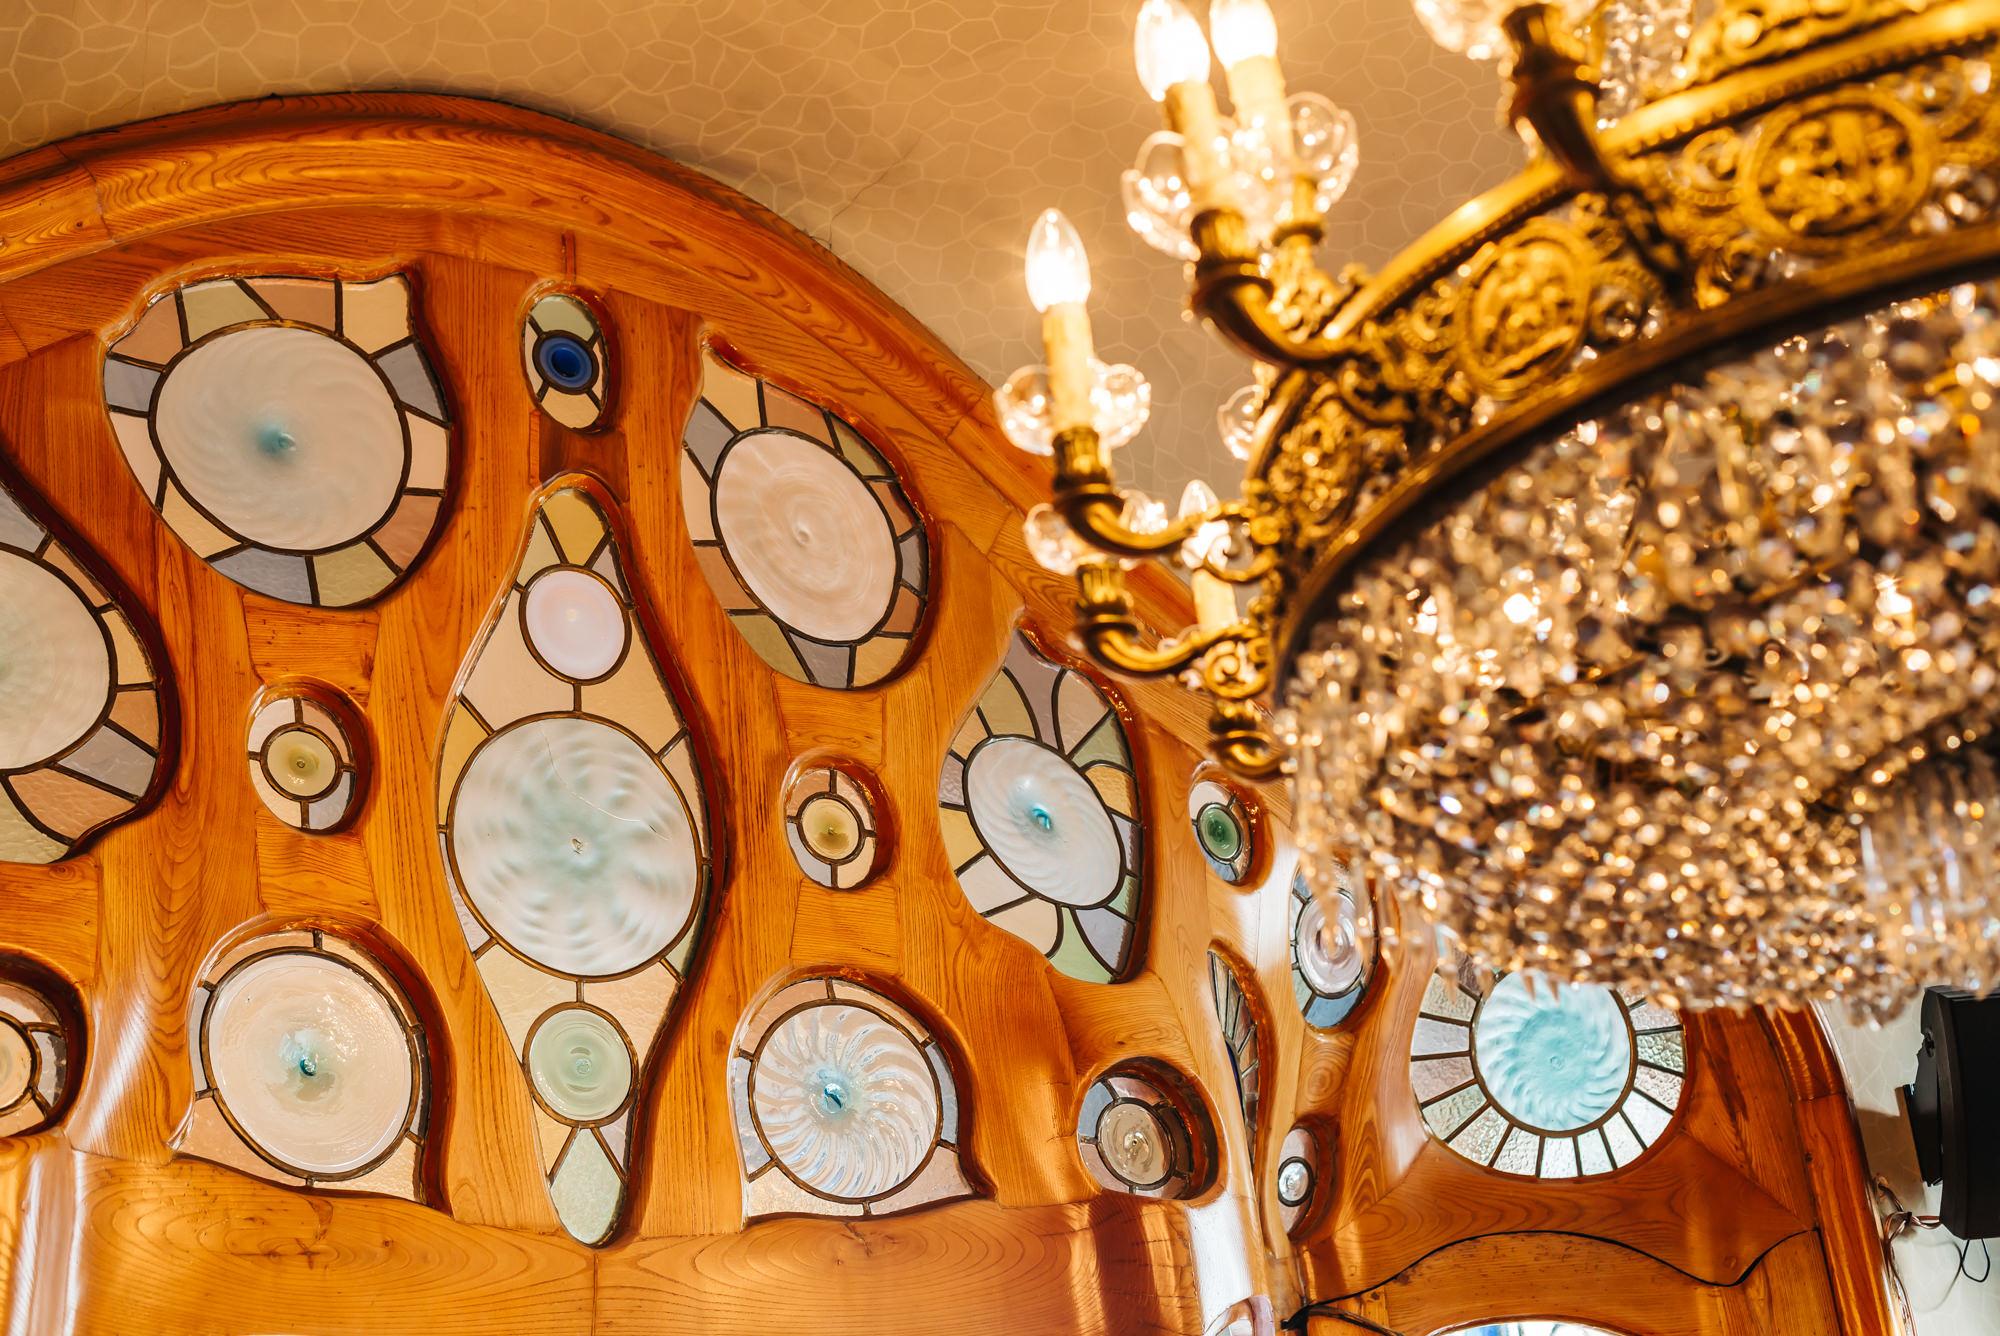 Detailed, organic designs of Antoni Gaudi's Casa Batlló